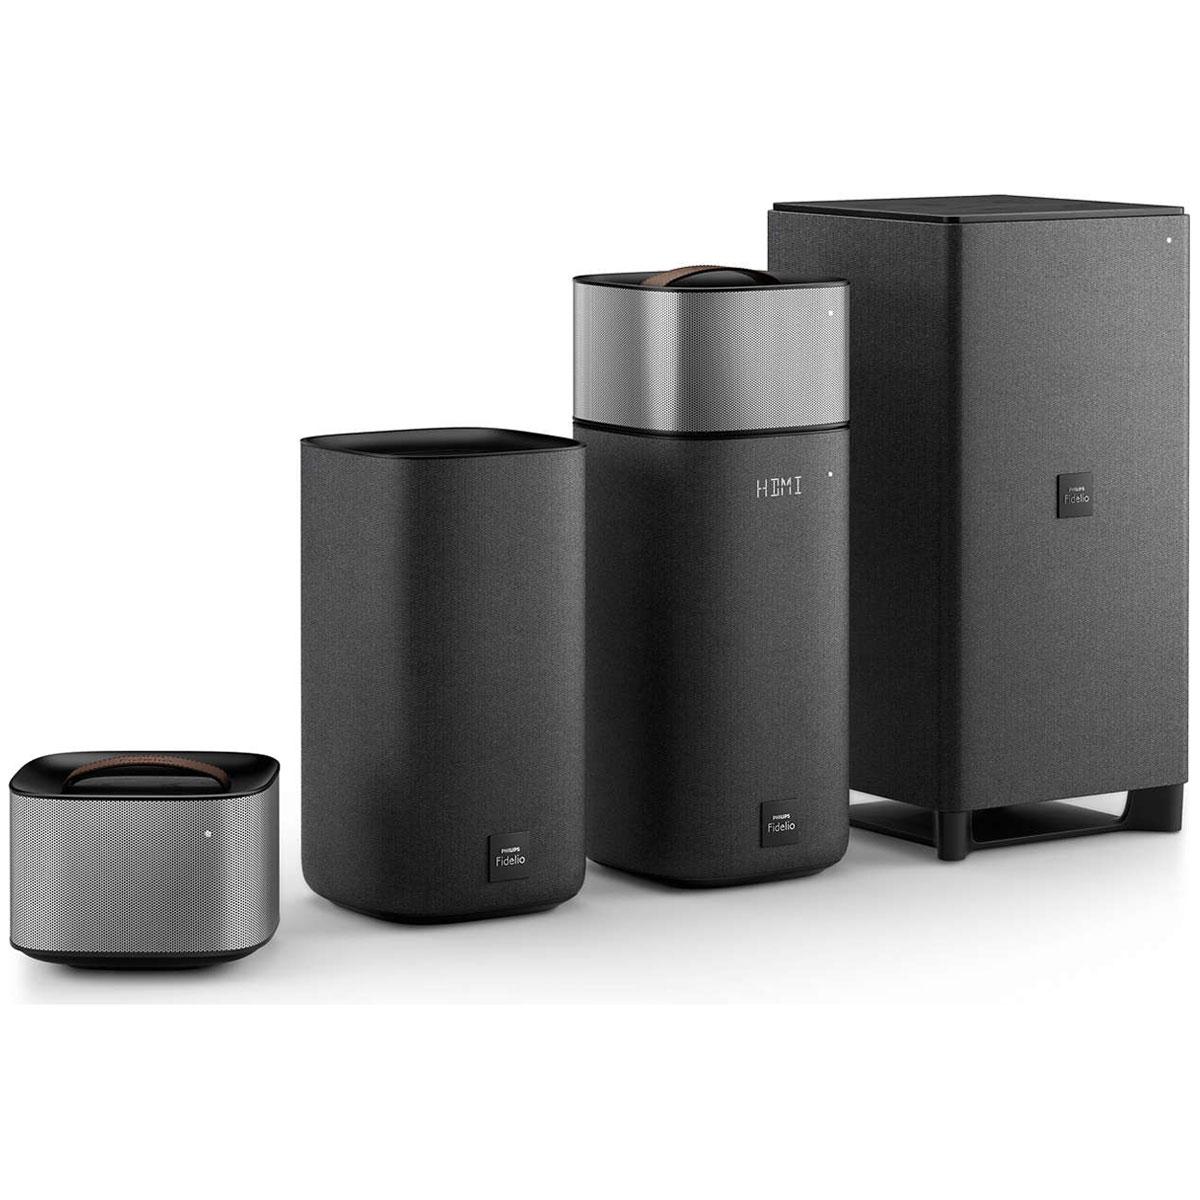 Ensemble home cinéma Philips Fidelio E6 Ensemble home cinéma sans fil 5.1 Dolby Digital/Pro Logic II avec Bluetooth/NFC Google Cast et Spotify Connect